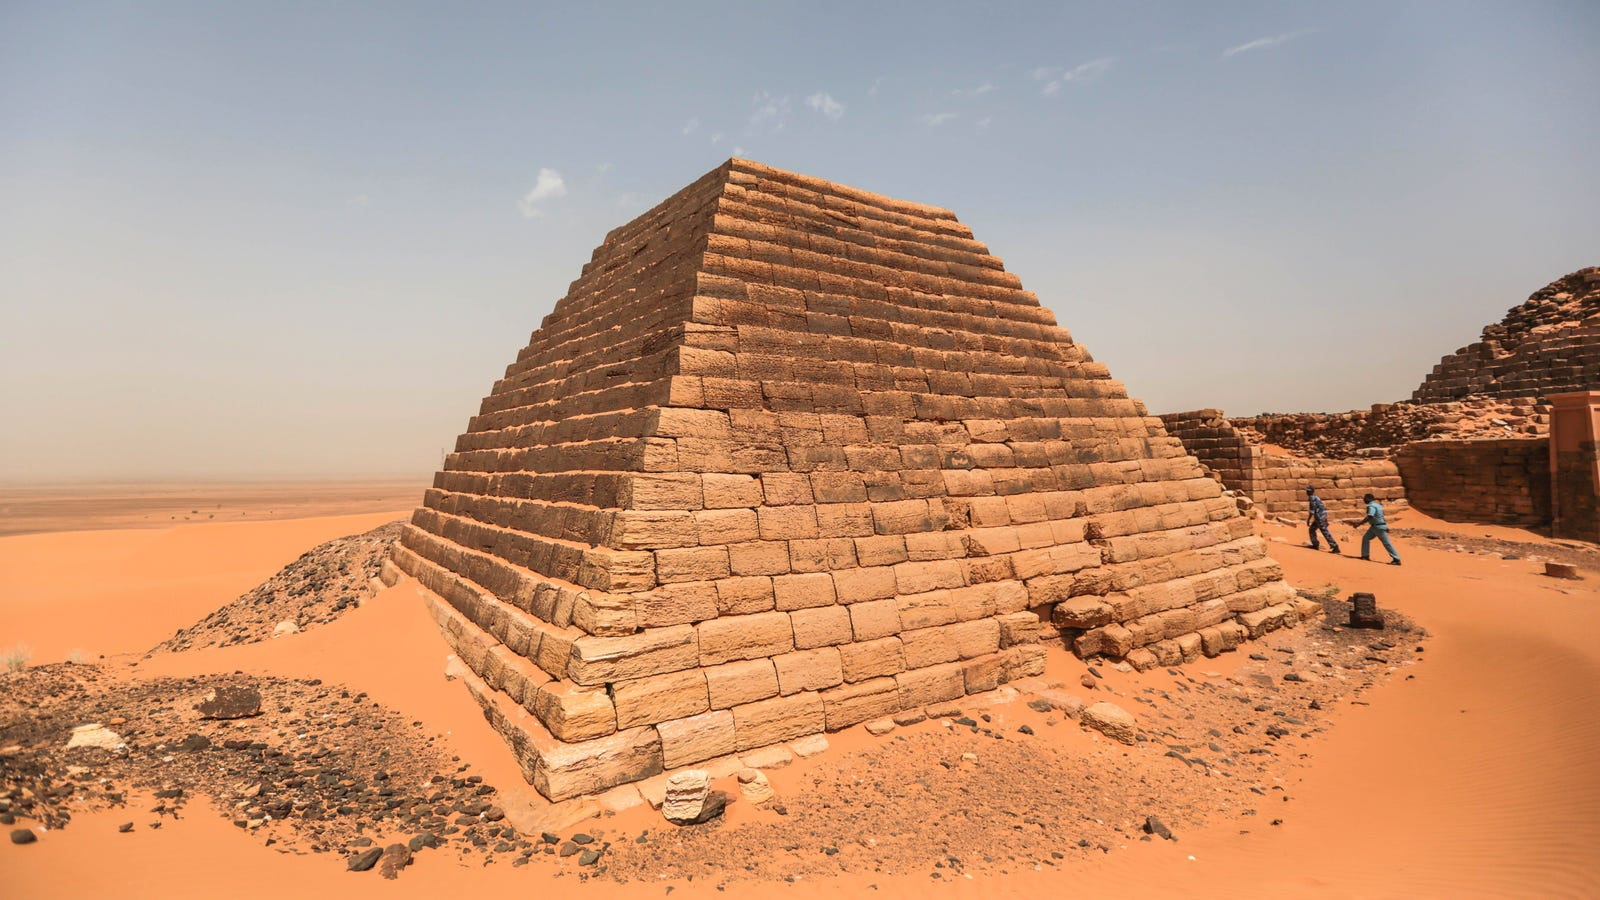 Las pirámides olvidadas de Sudán